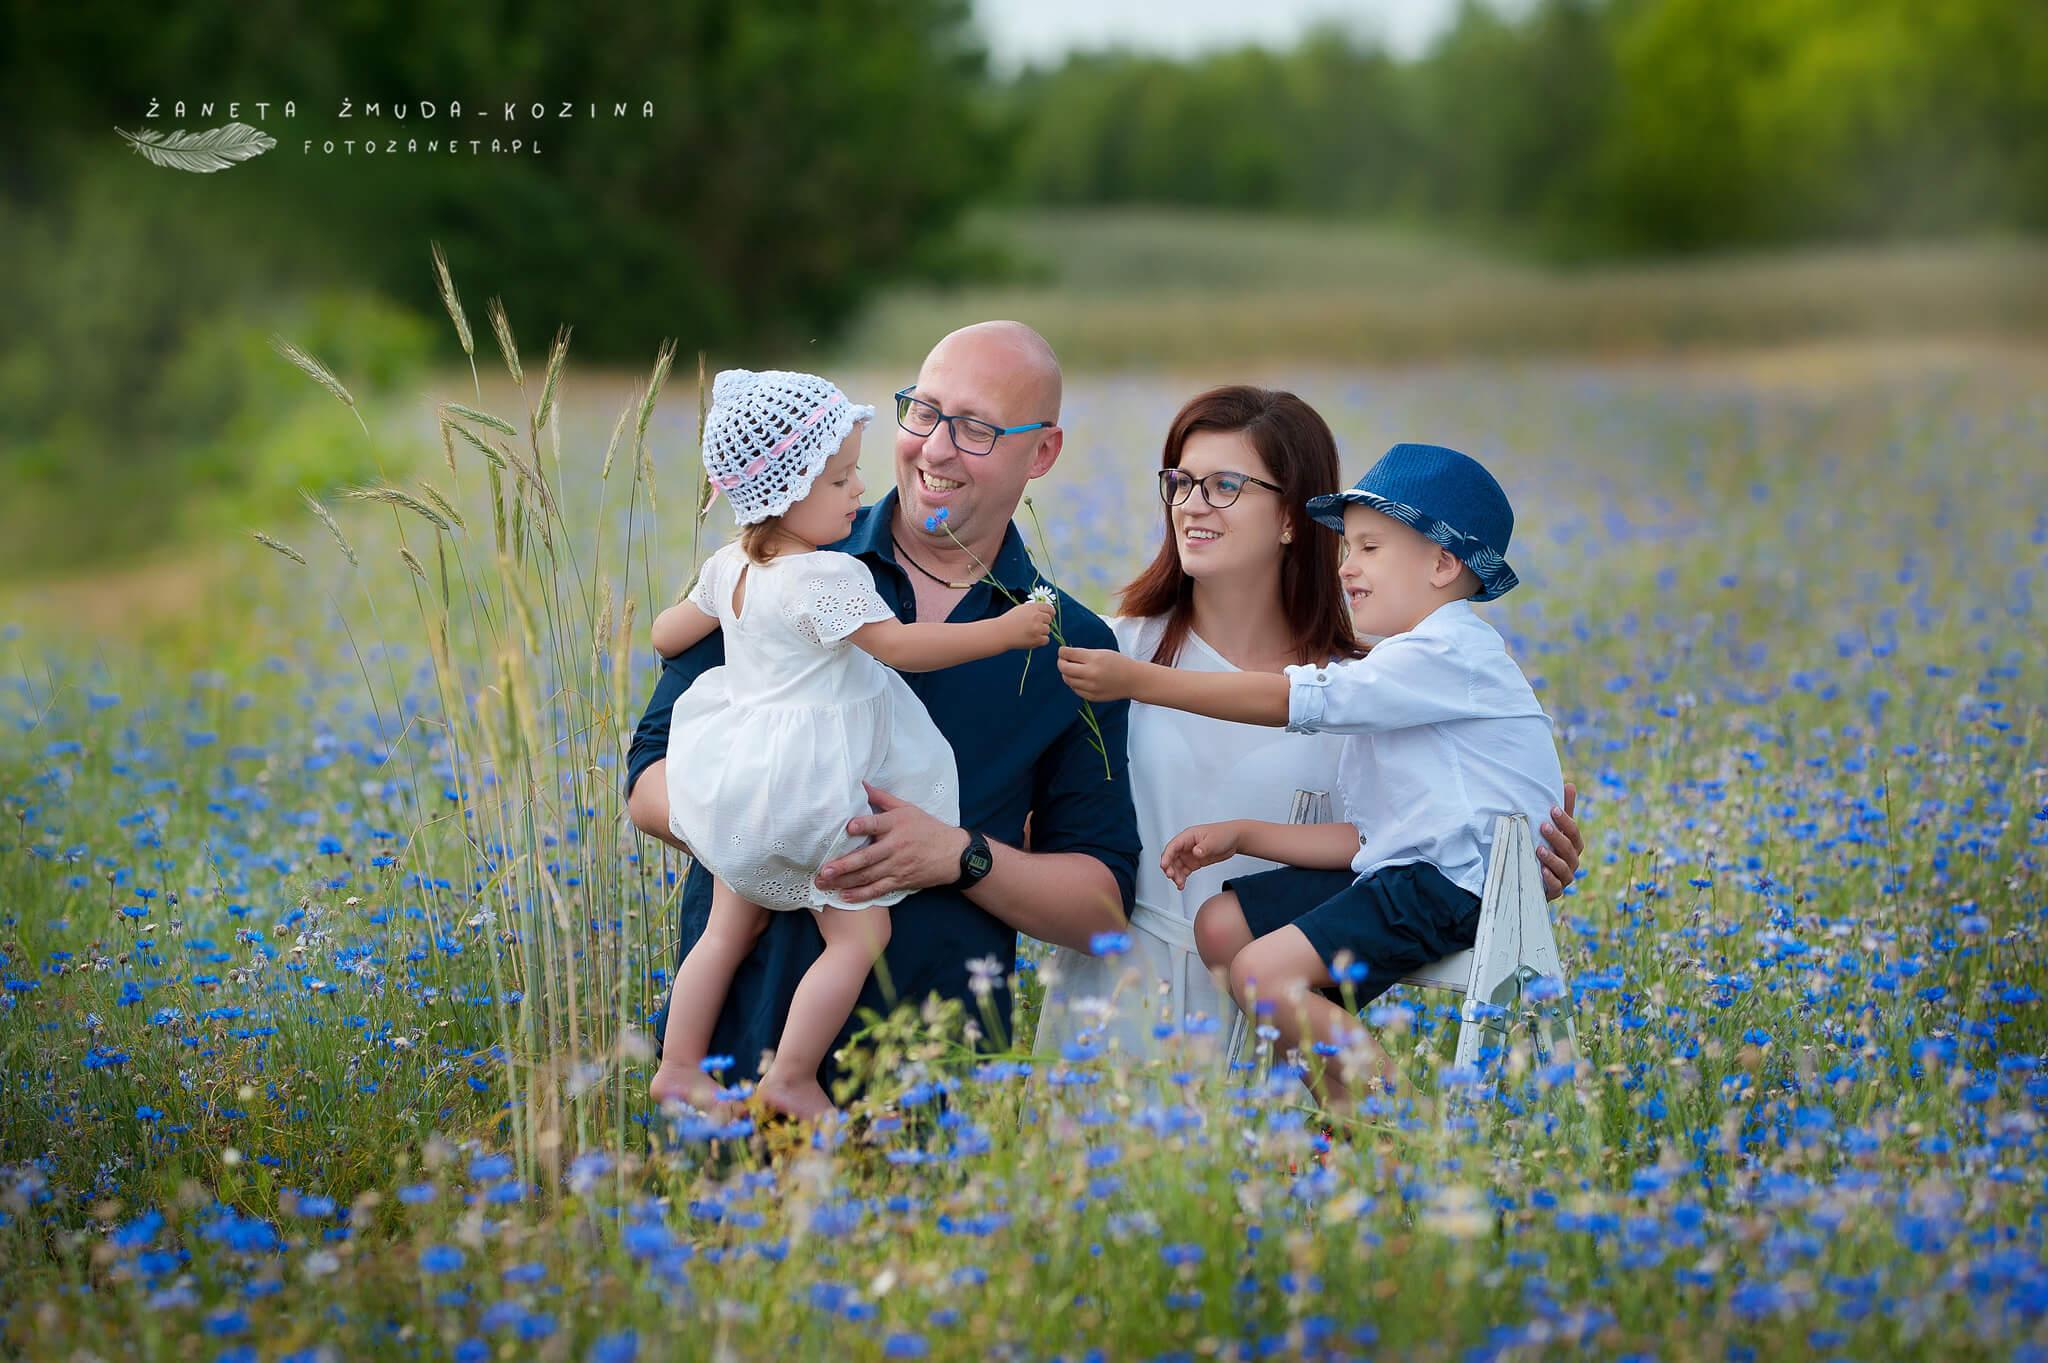 FotoZaneta fotografia rodzinna Pomiechówek